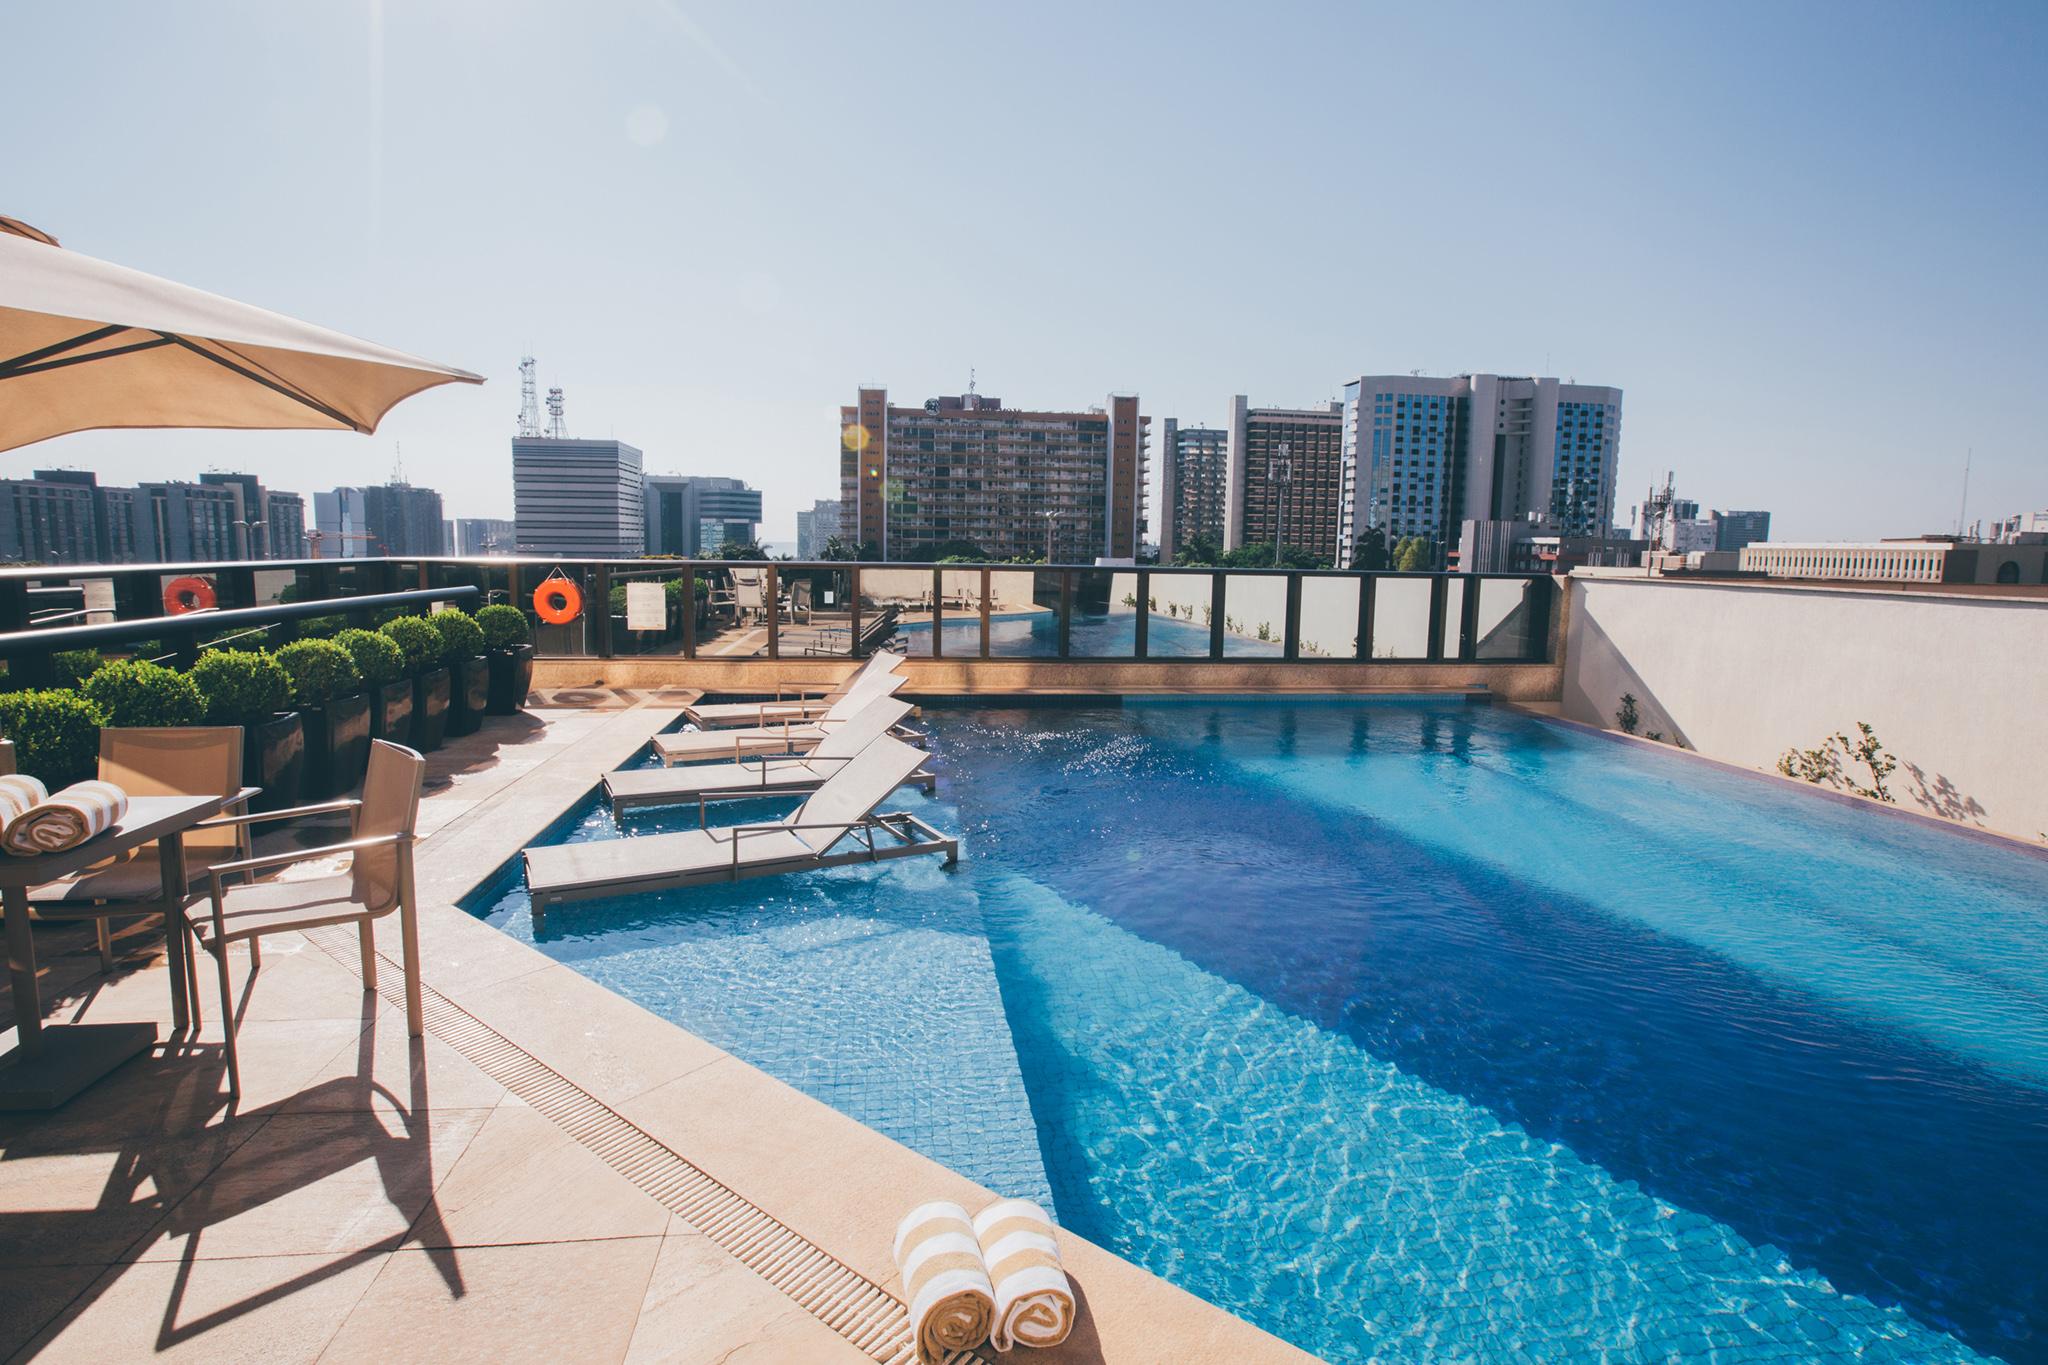 cullinan-hplus-premium-em-brasilia-piscina (5)